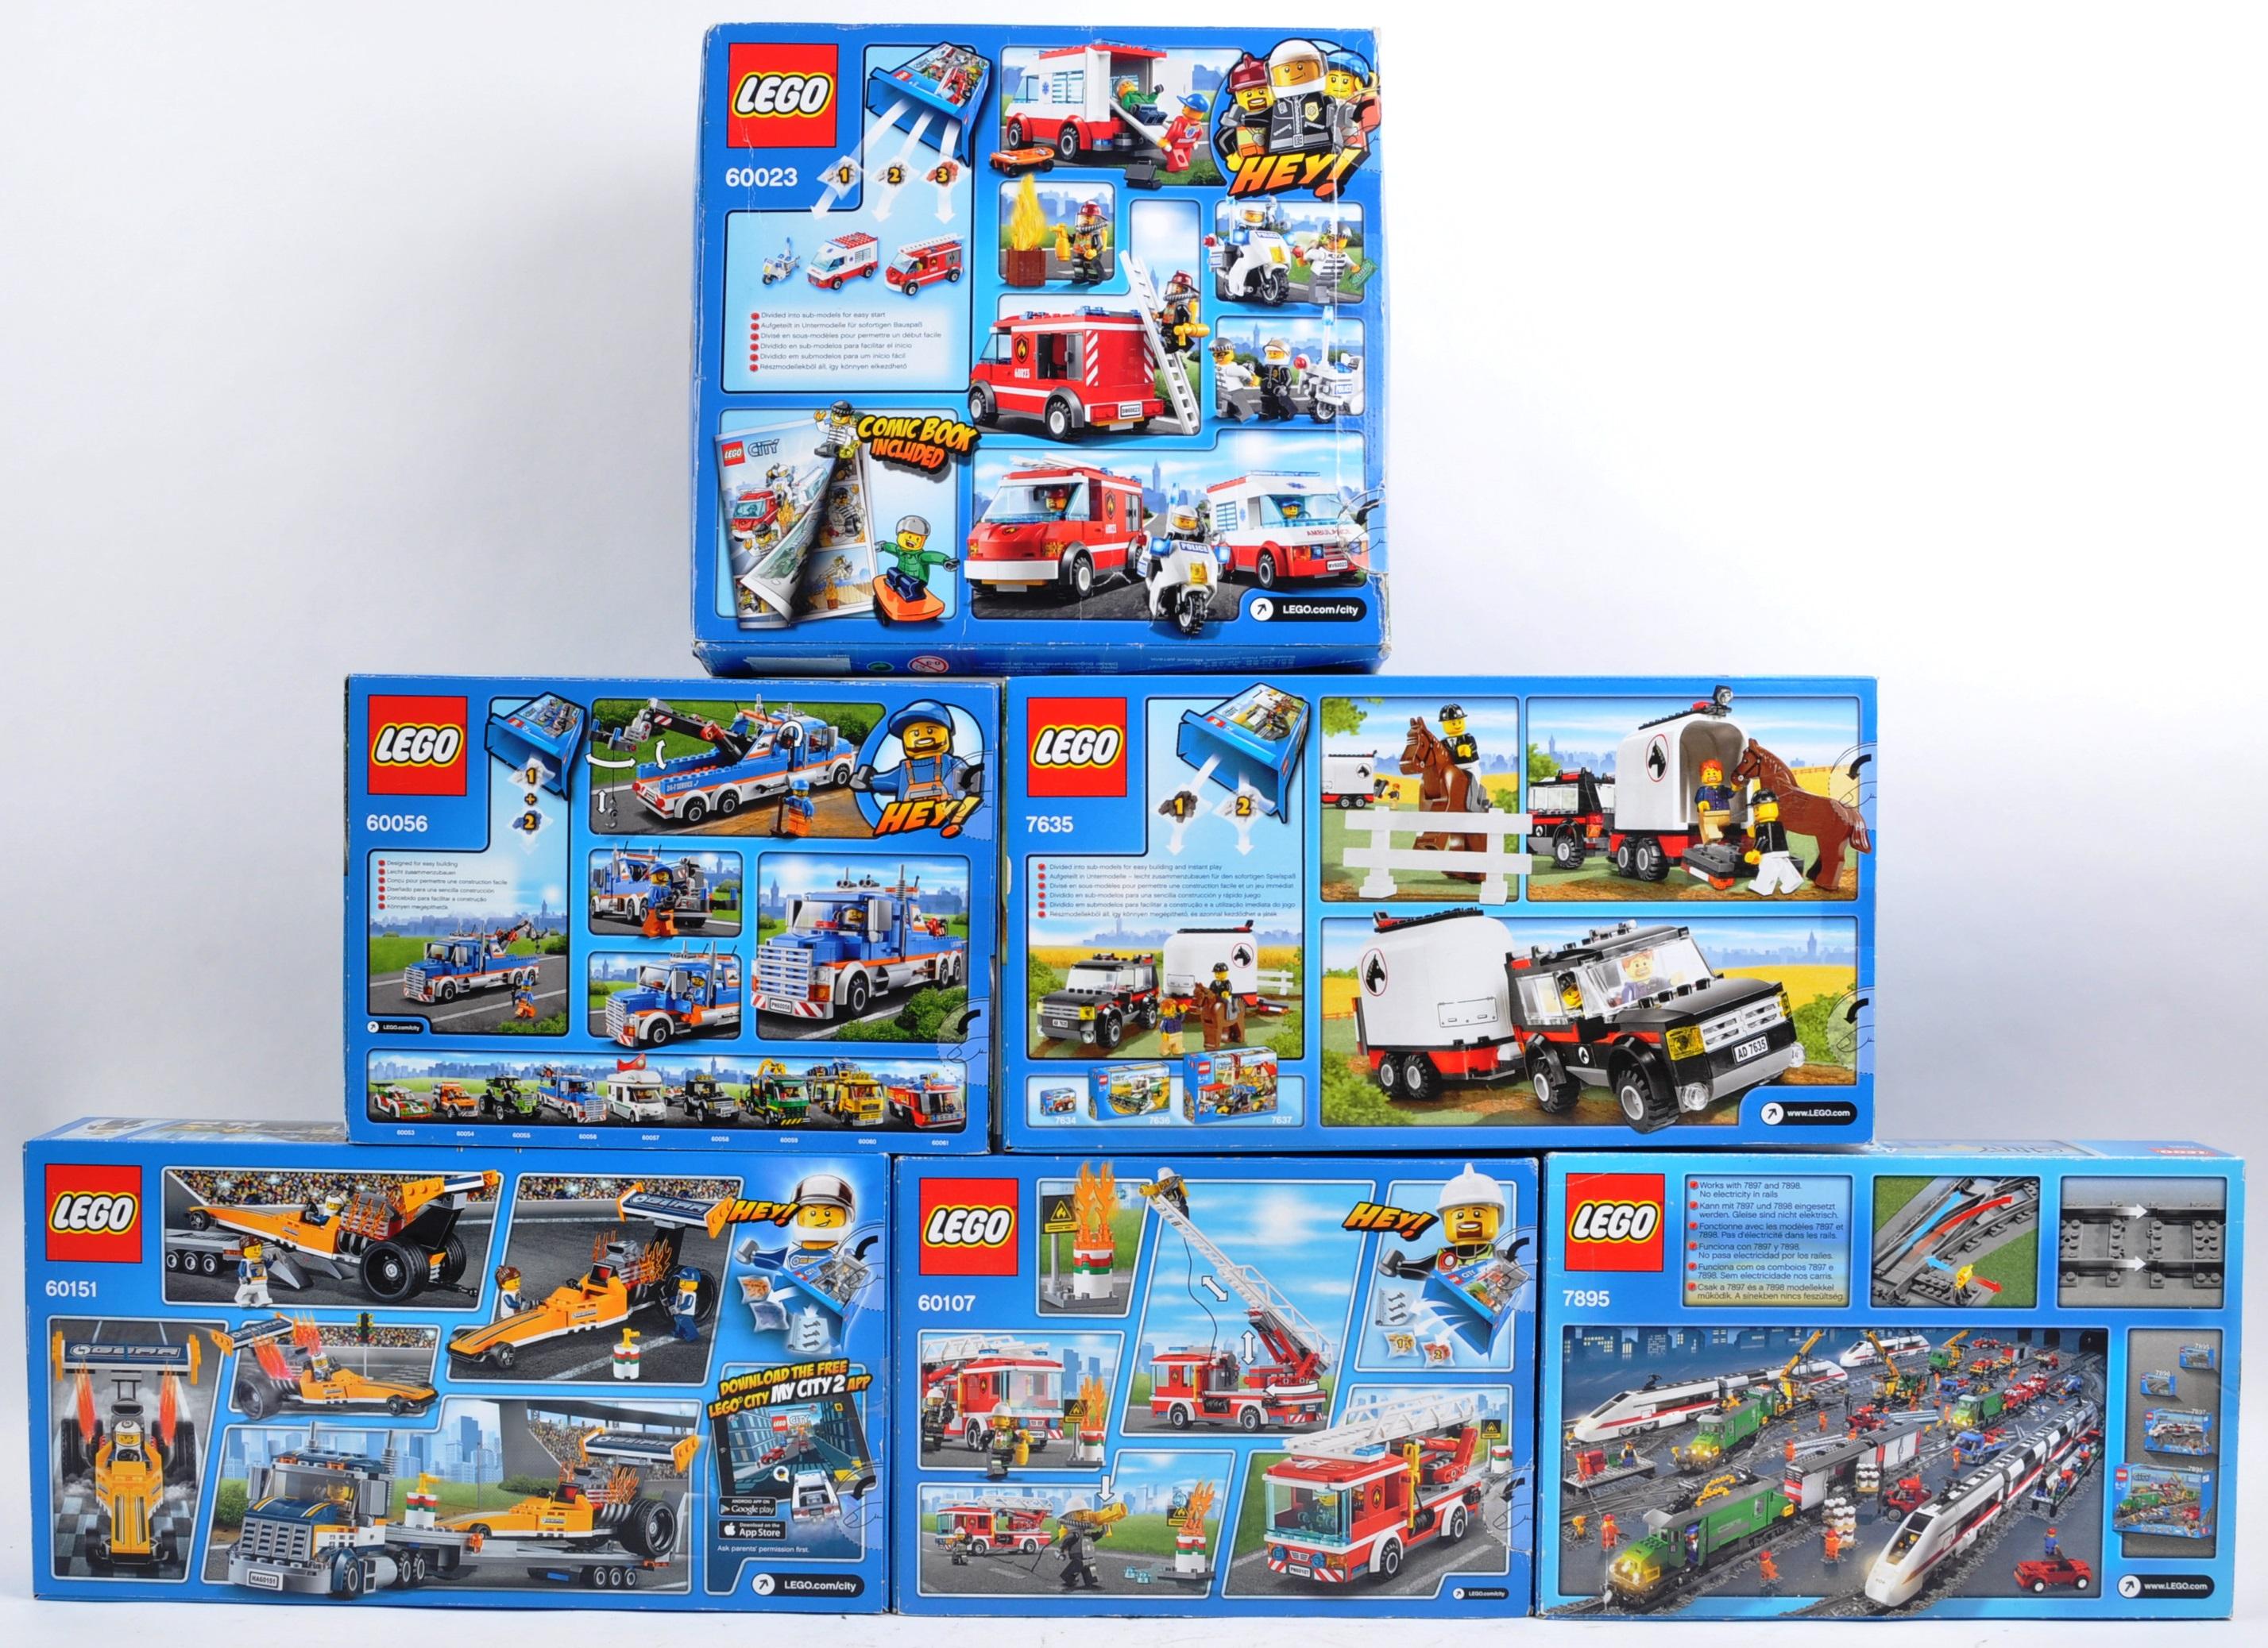 LEGO SETS - LEGO CITY - 7635 / 7895 / 60023 / 60056 / 60107 / 60151 - Image 2 of 3